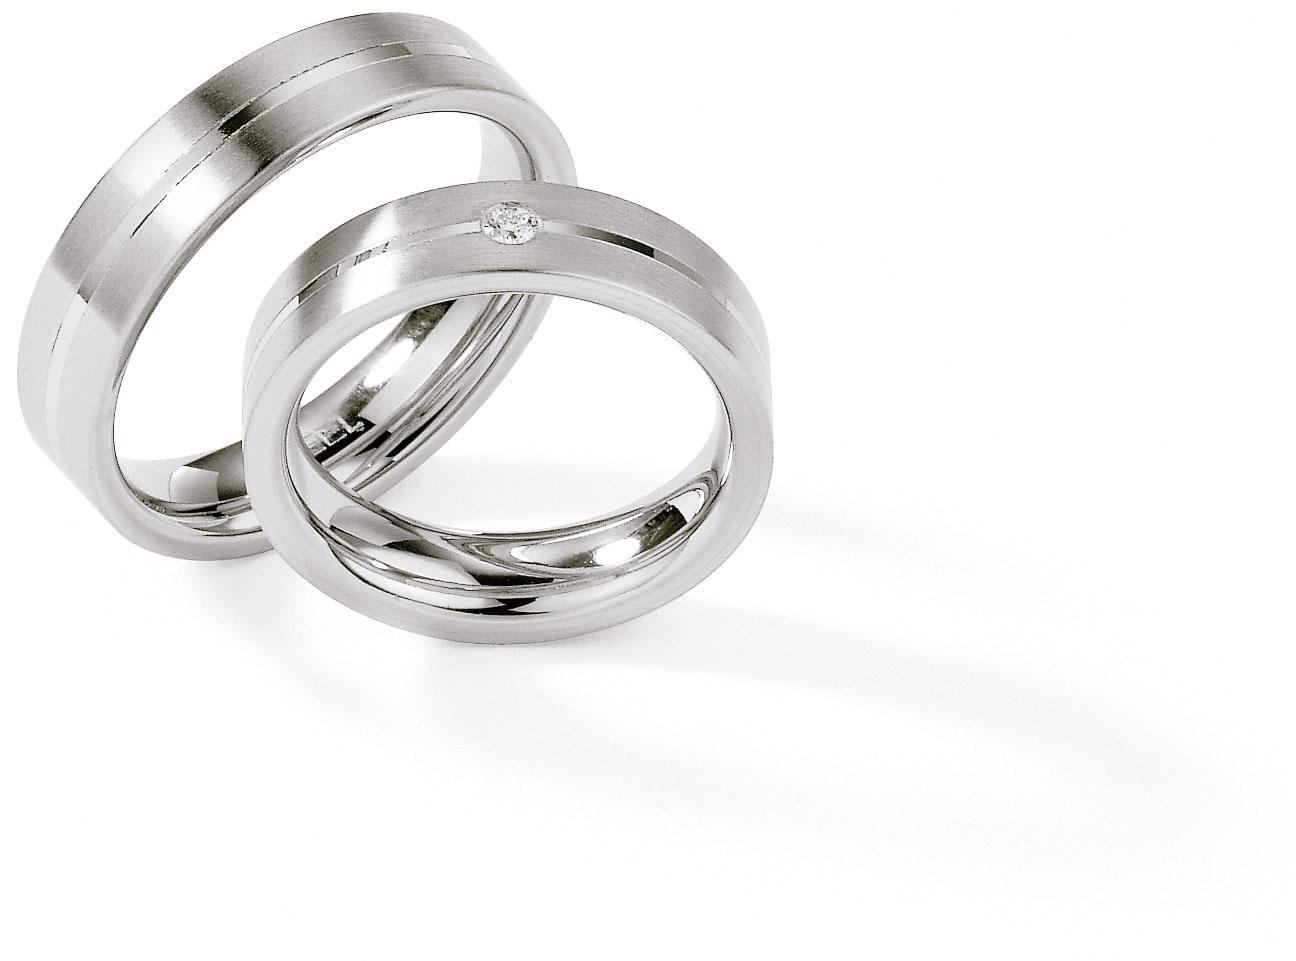 Steel Brilliance ST128 (Ruesch AT) - Obrázek č. 1